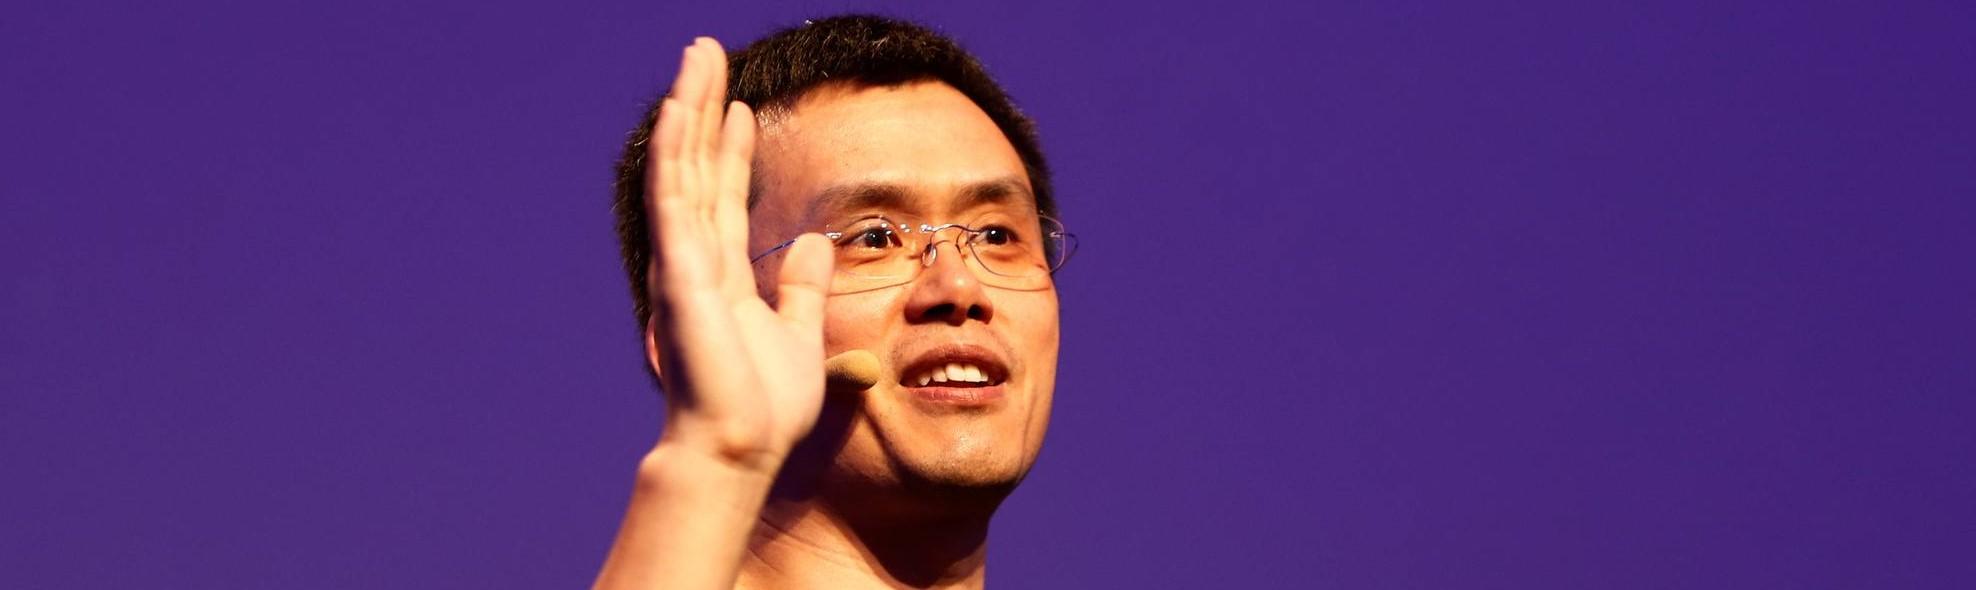 changpeng zhao ntb - Чанпэн Чжао: Binance пока не планирует работать в Китае